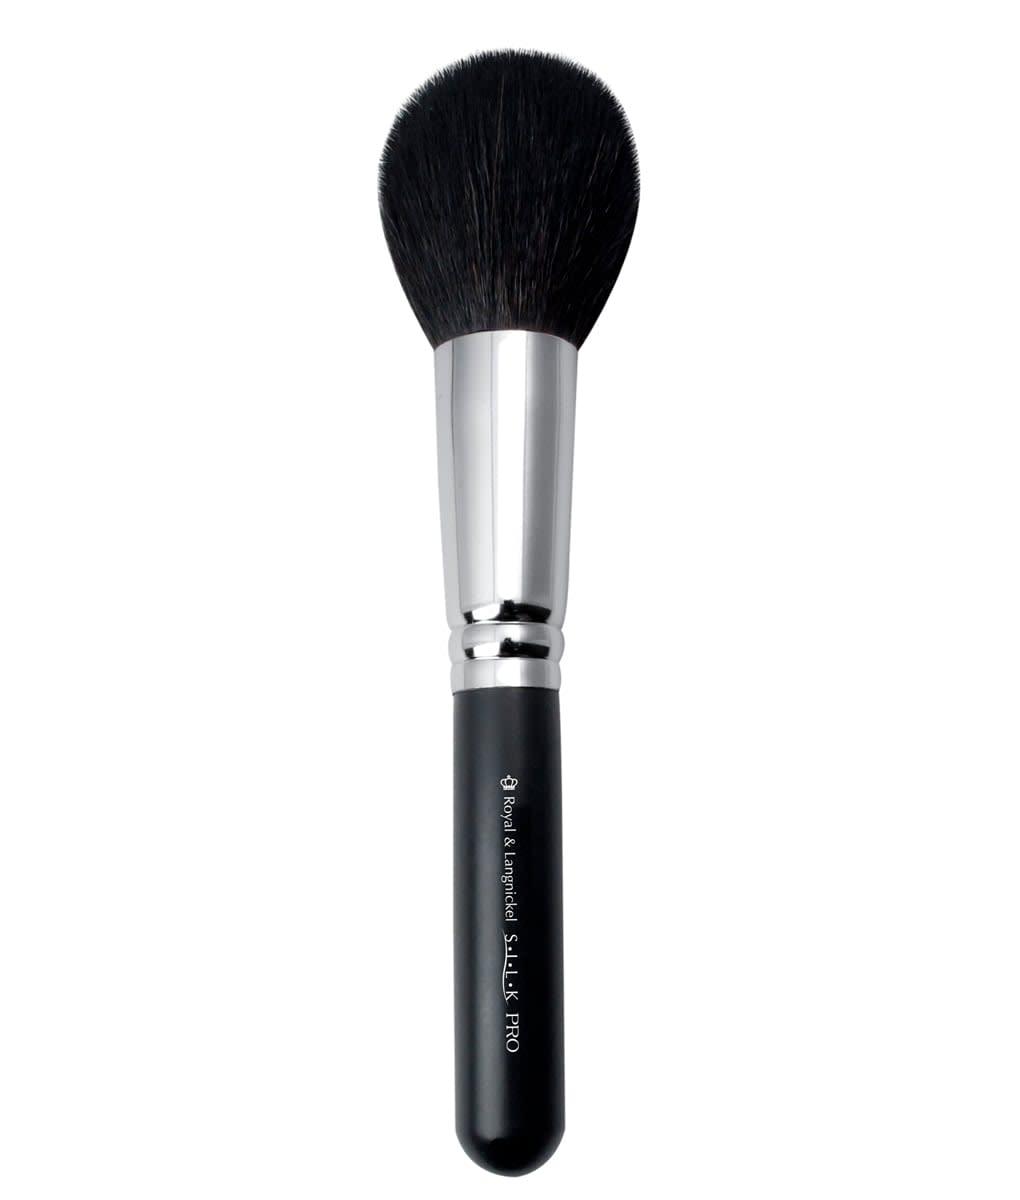 Dome Powder Brush